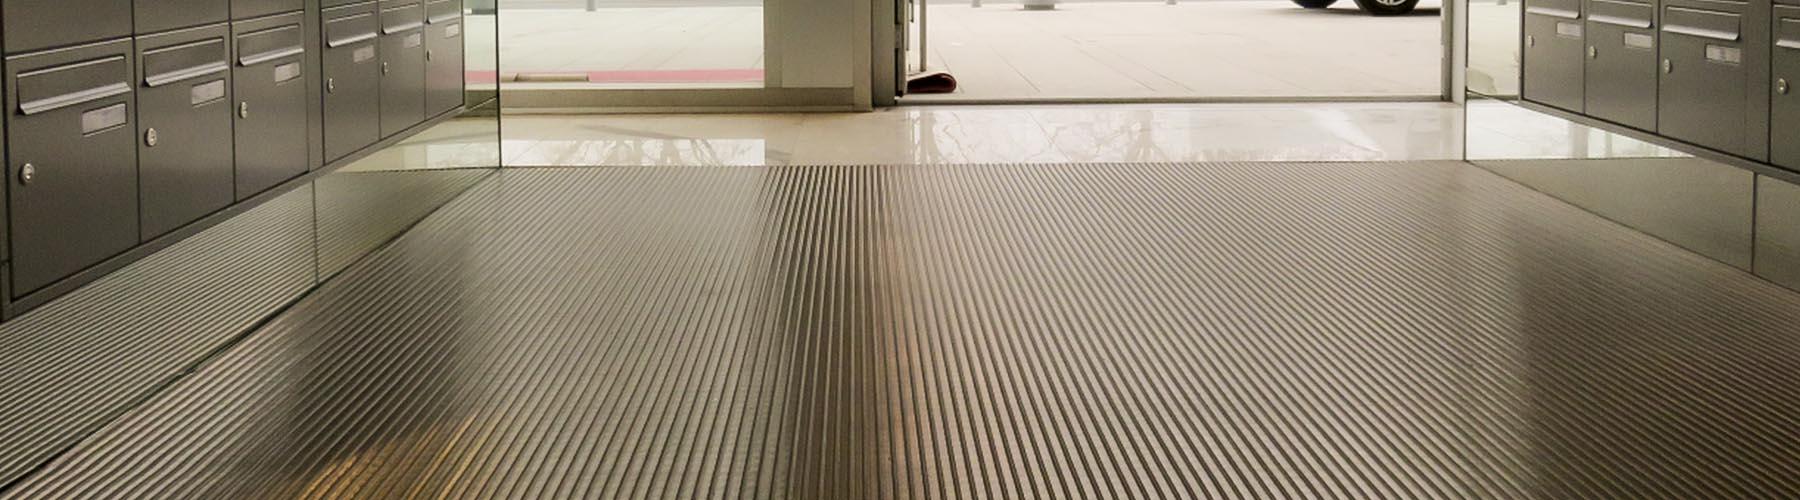 paillasson industriel tapis d'acceuil tapis sur mesure, 2dmat spécialiste en pose de taps d'entrée, tapis d'accueil et de paillassons